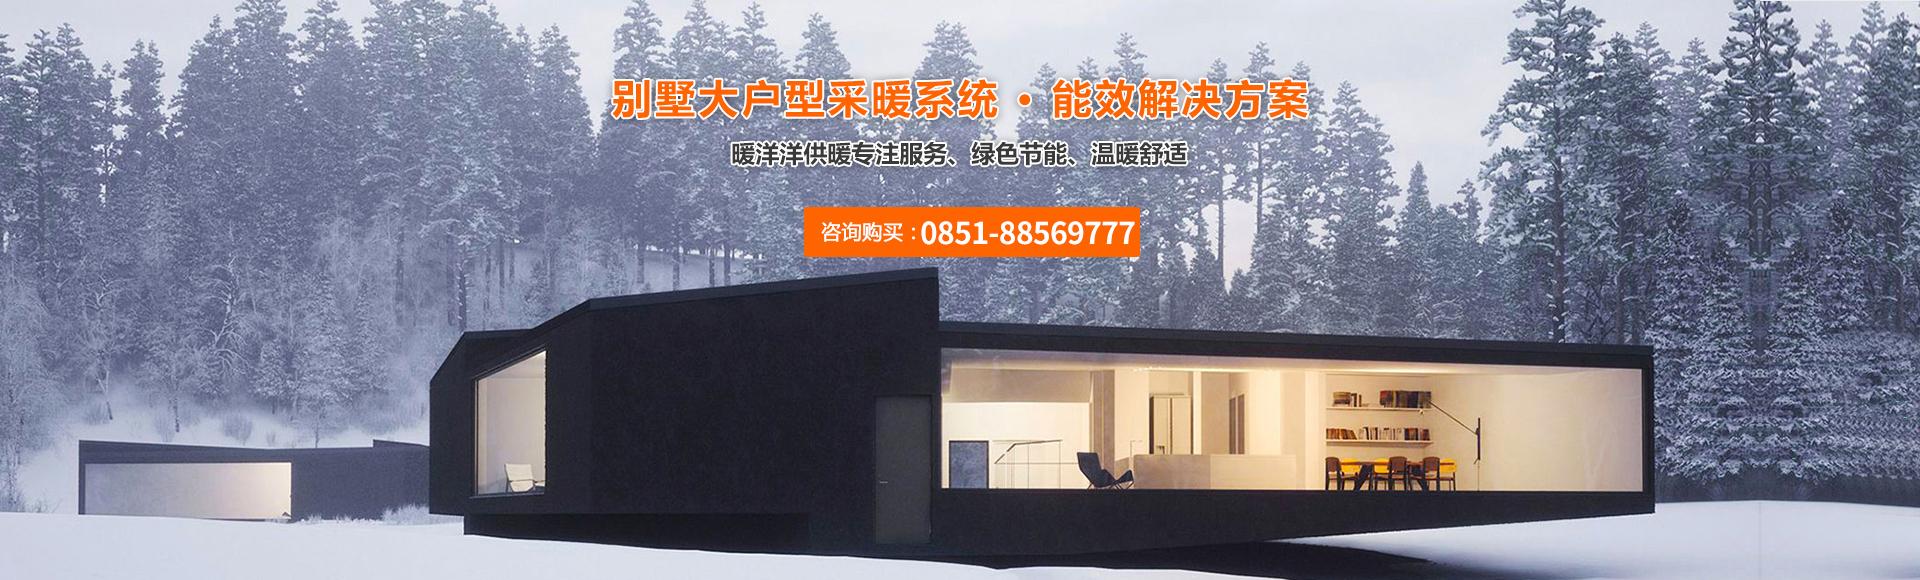 http://www.gznyy.cn/data/upload/202101/20210125160905_389.jpg